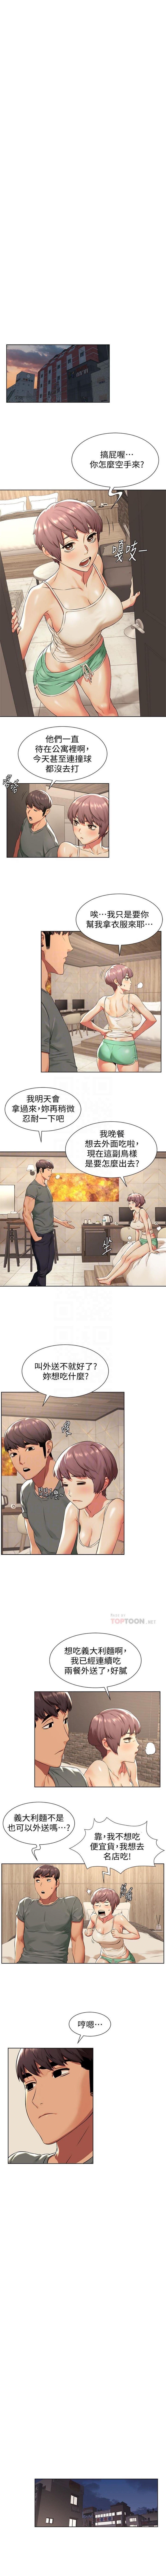 (週5)衝突 1-94 中文翻譯 (更新中) 532